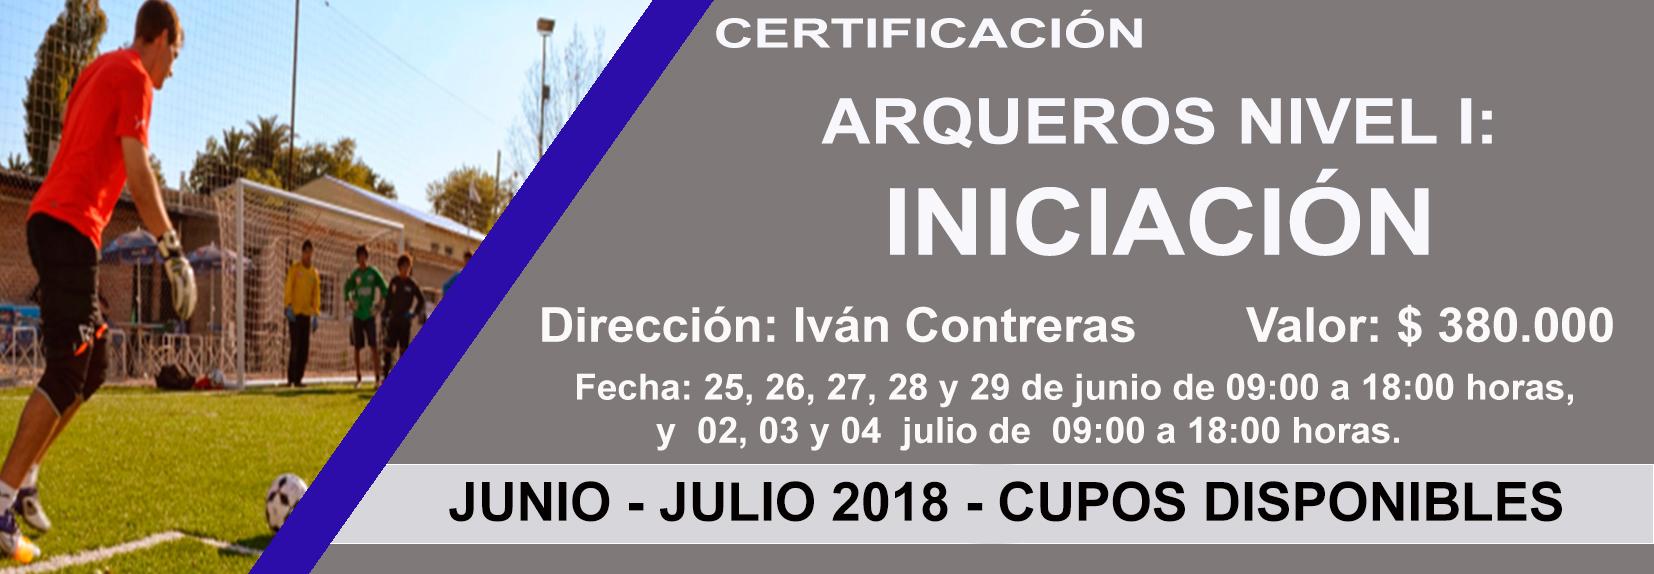 CERTIFICACION-ARQUERO-INICIADOR